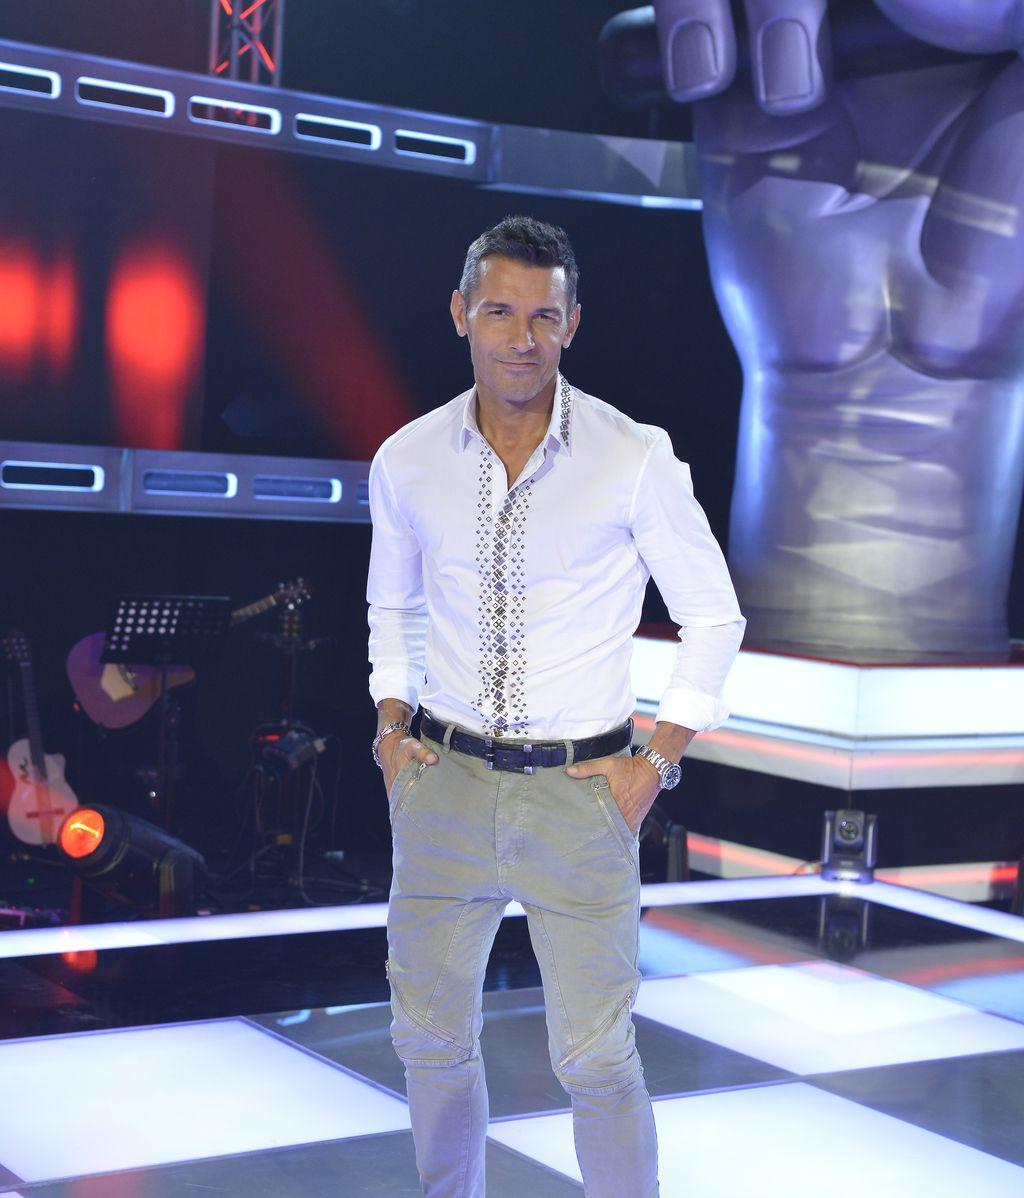 Jesús Vázquez, presentador de los programas de Telecinco 'La voz' y 'La voz kids'